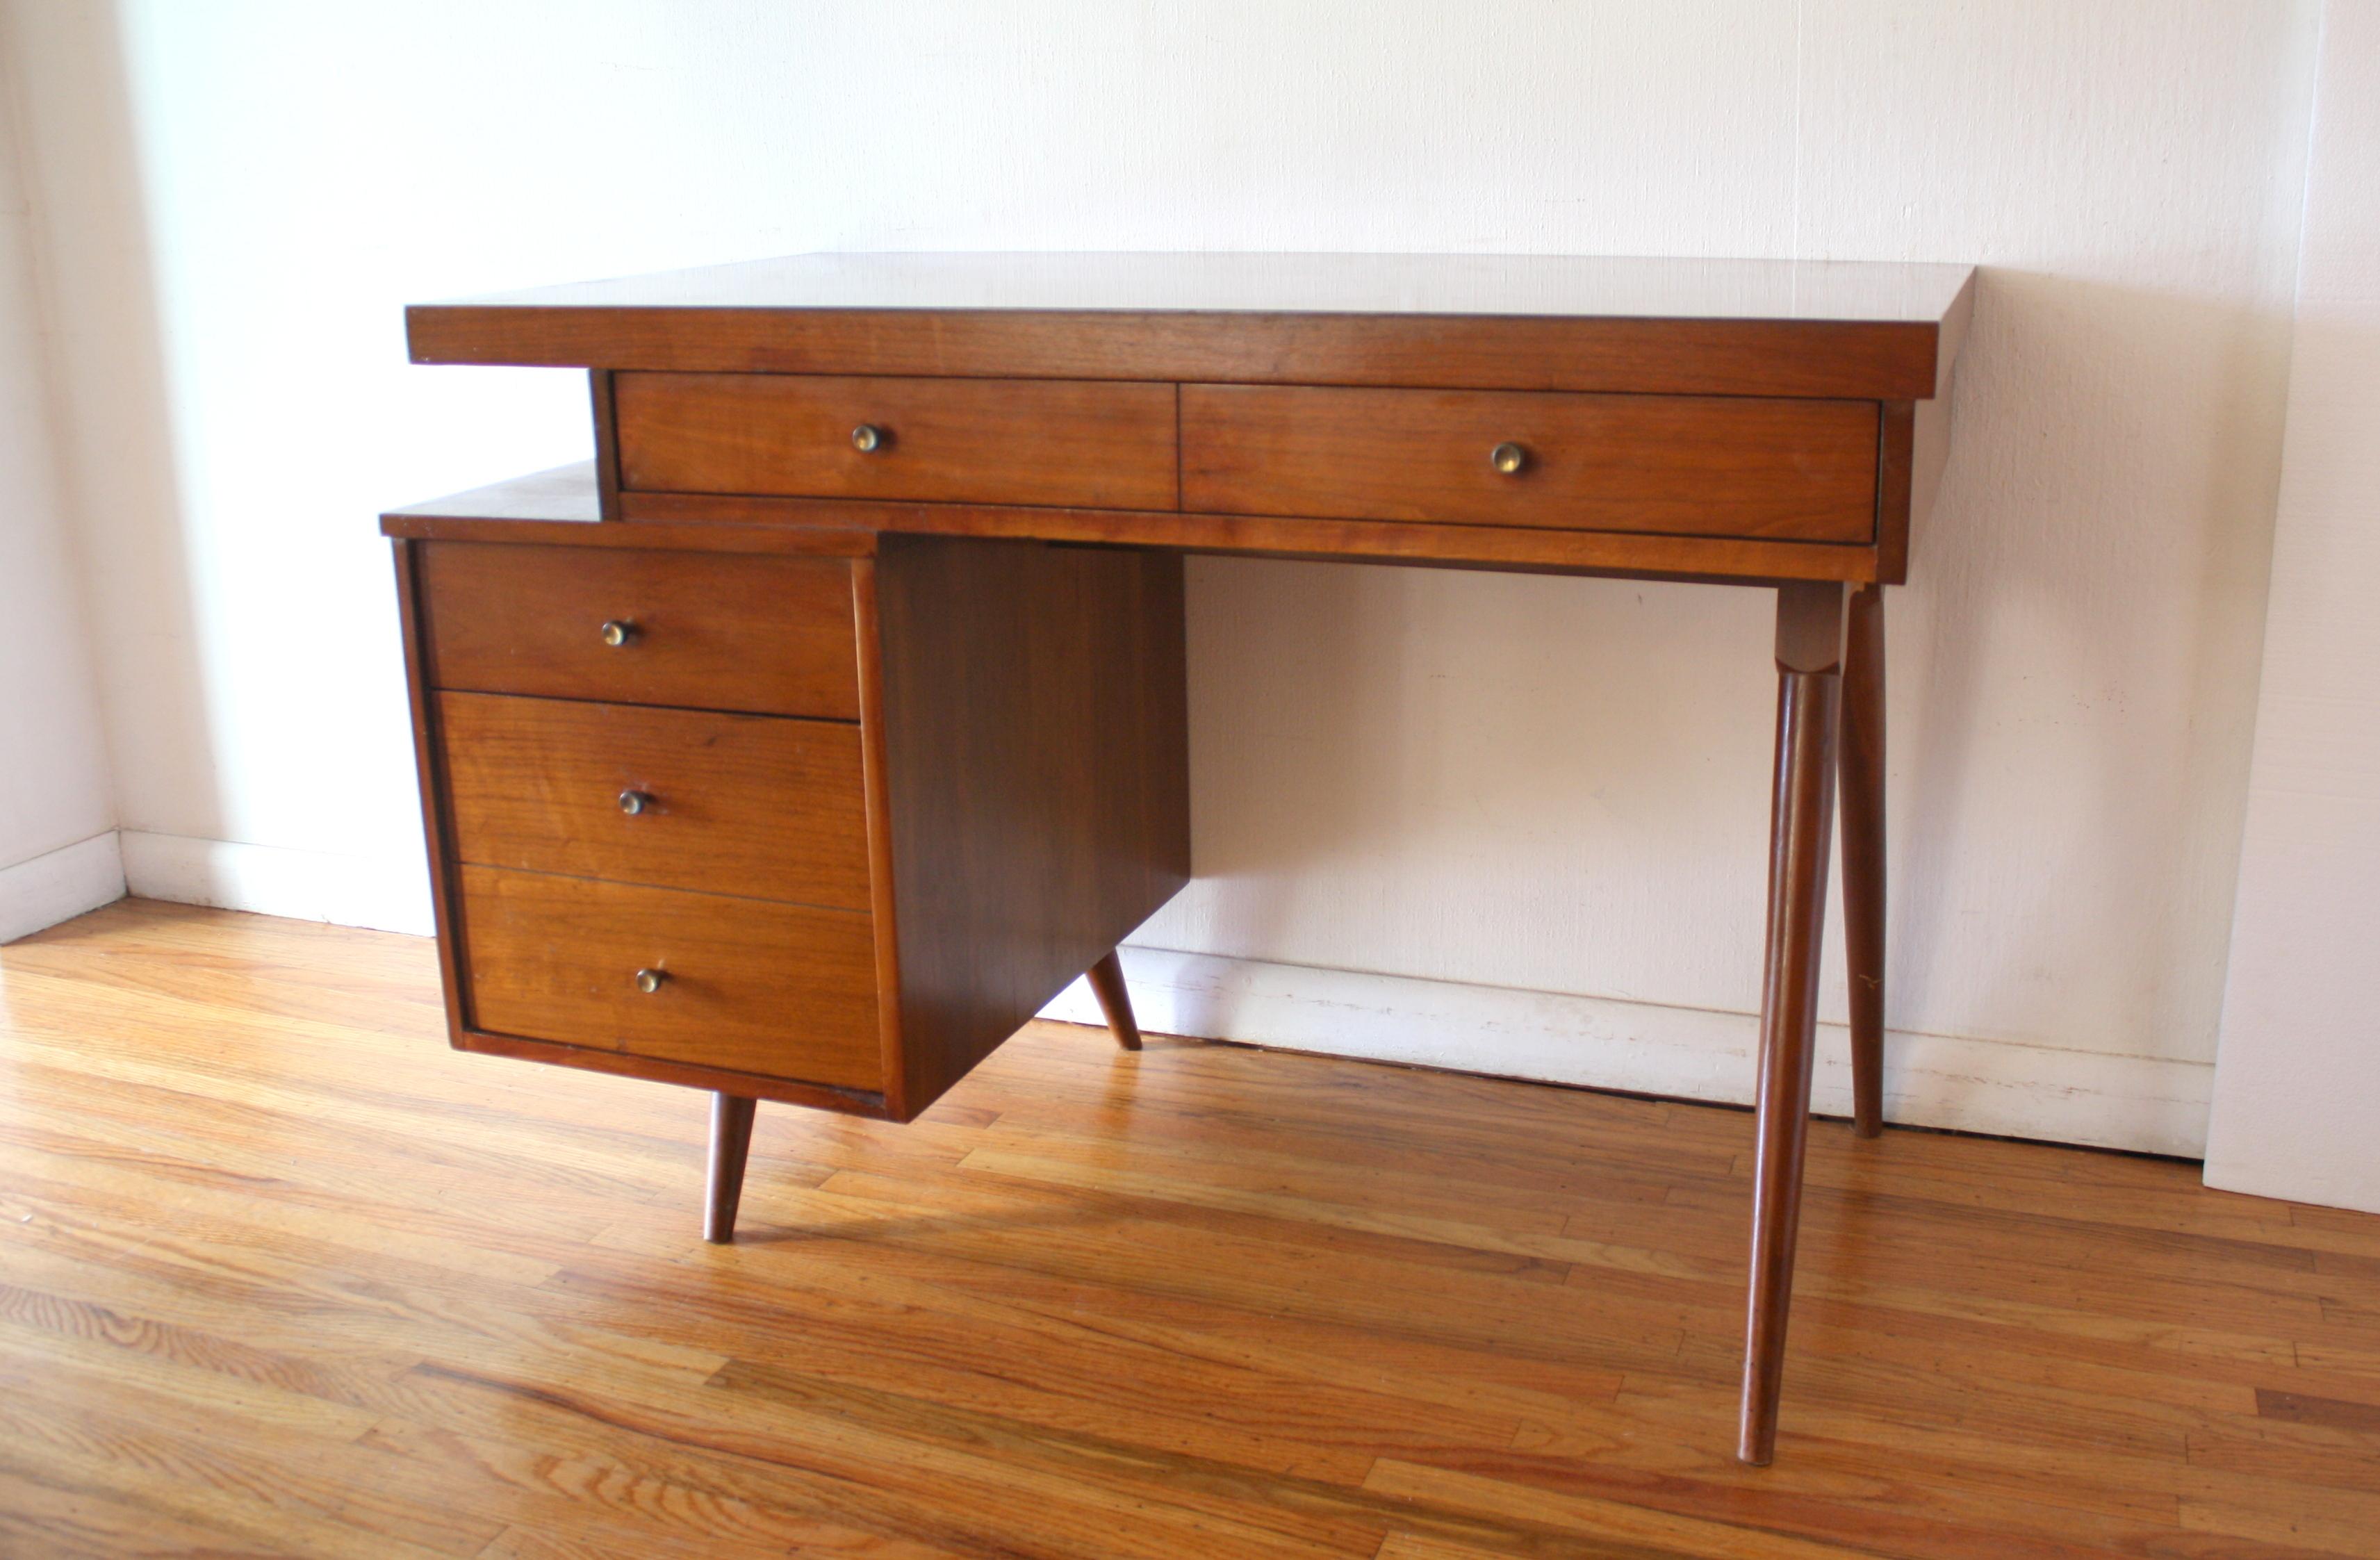 mcm desk with floating design 1.JPG